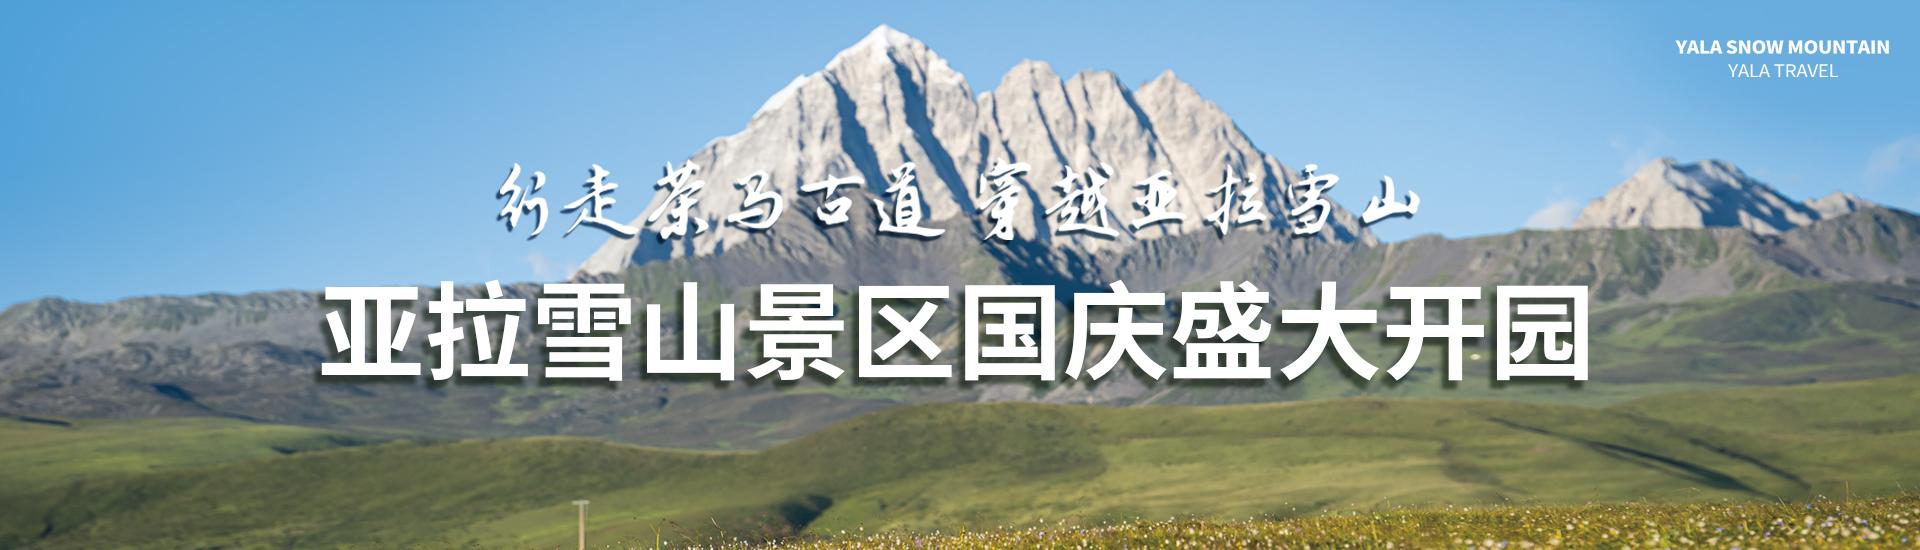 亚拉雪山景区国庆盛大开园